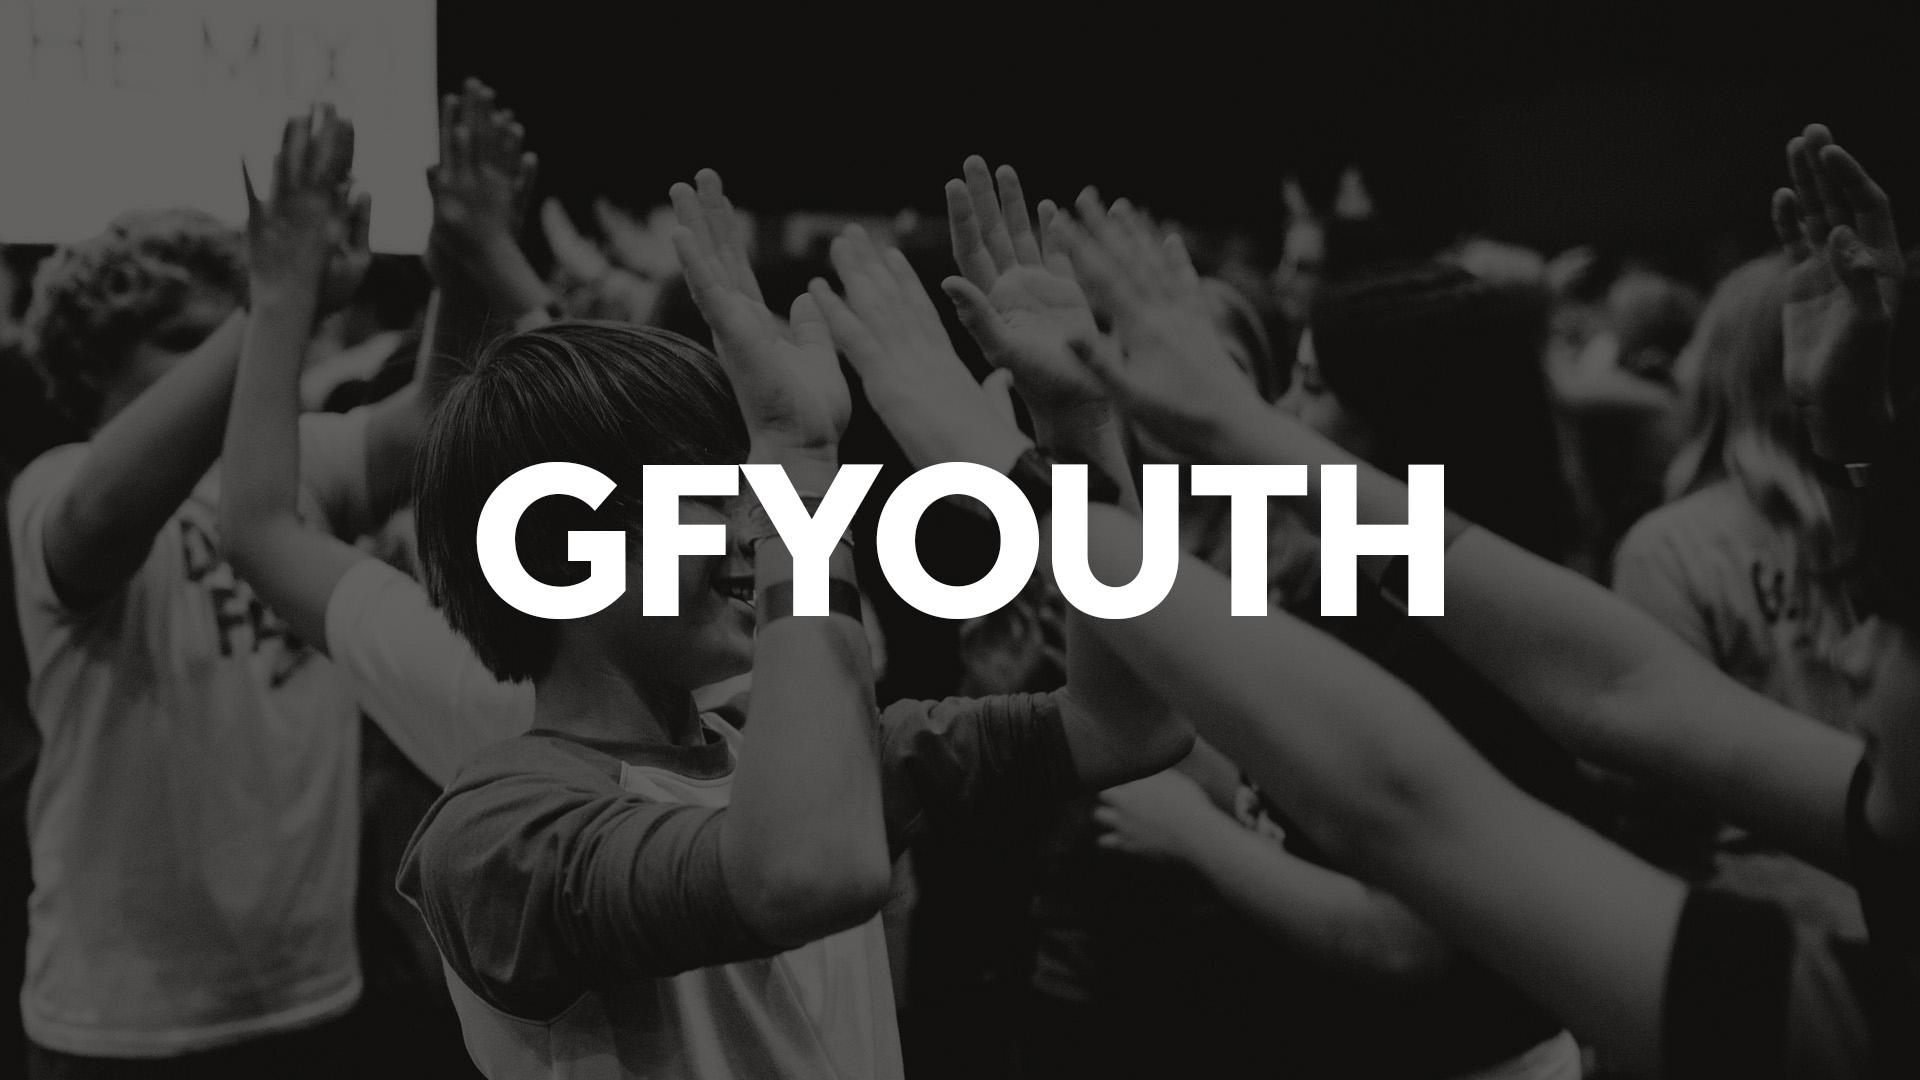 GF Youth